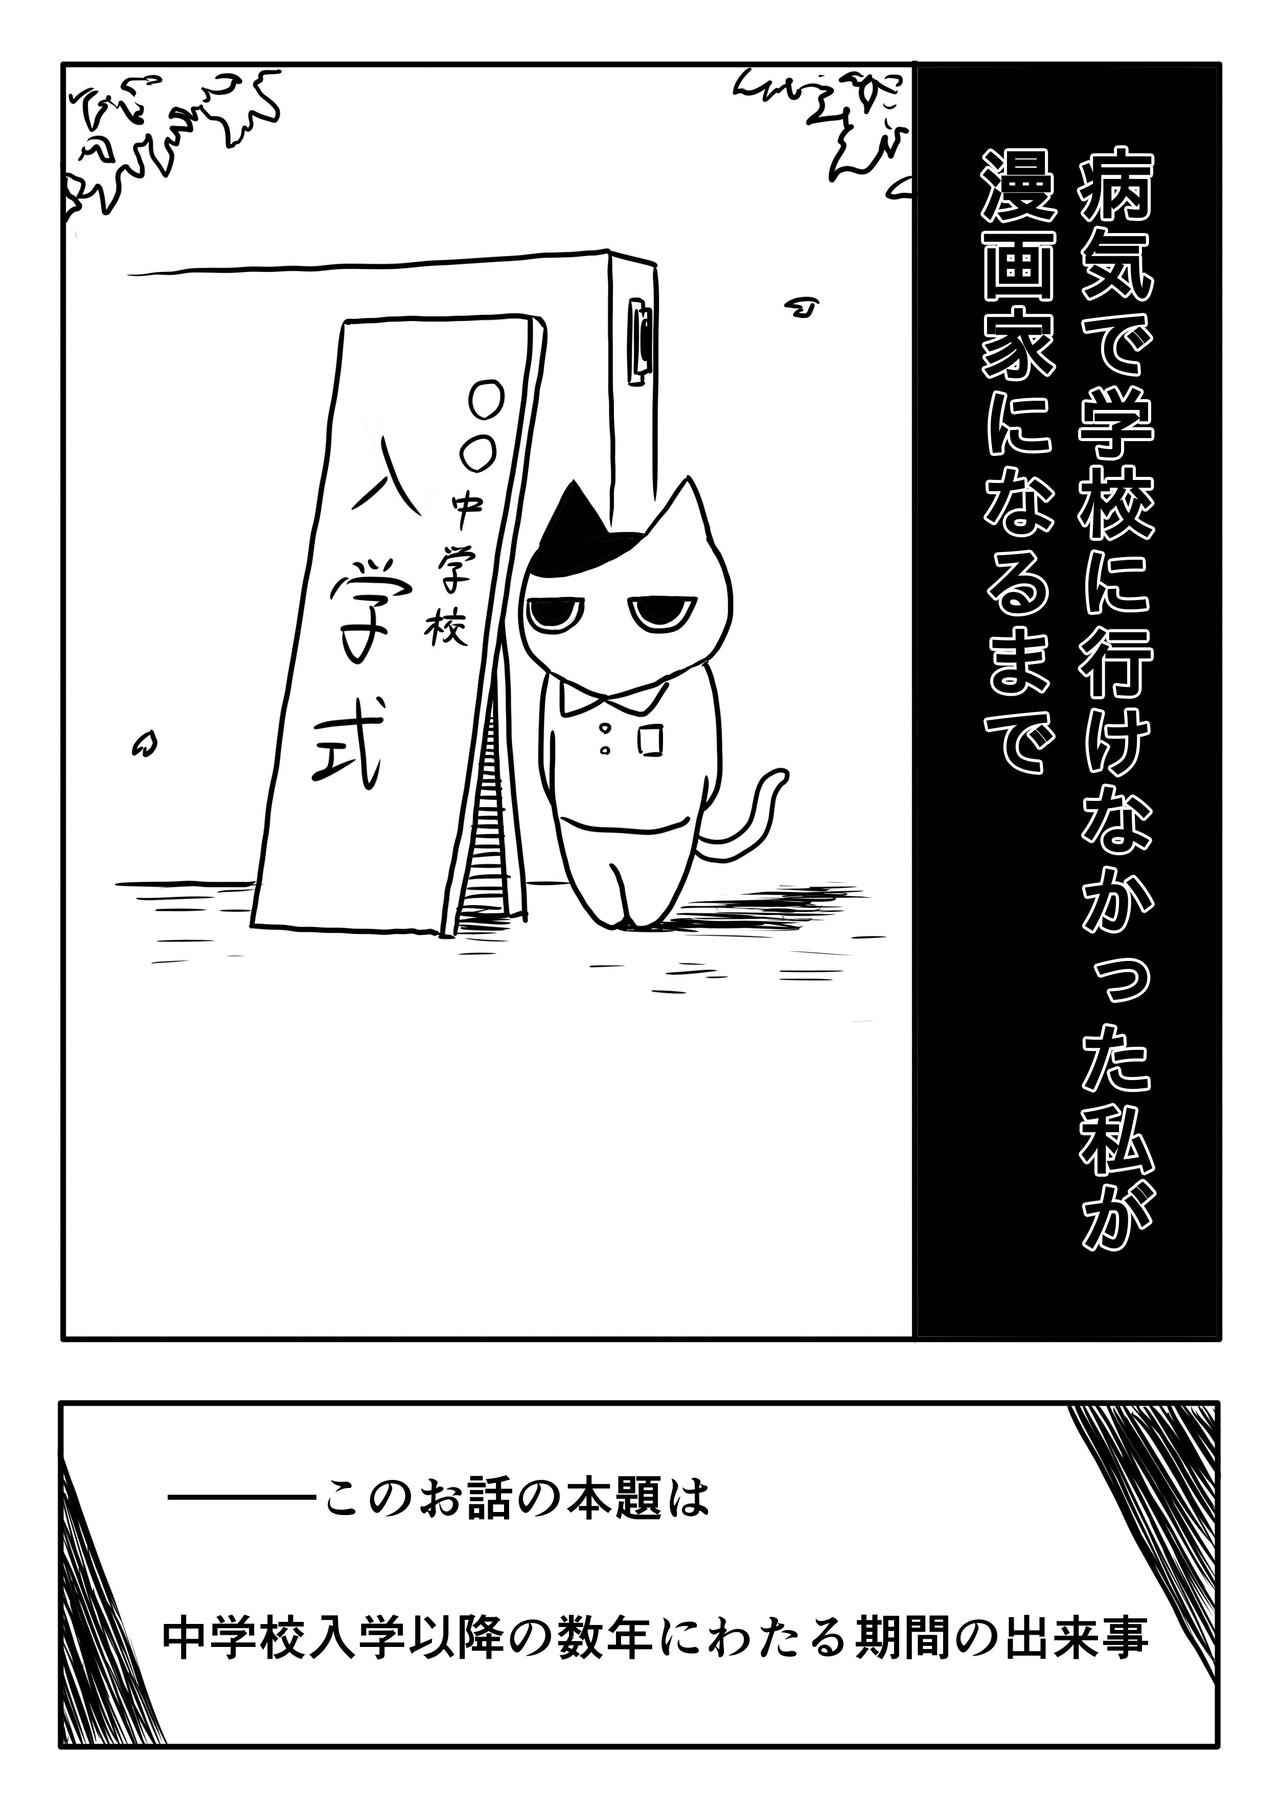 病気エッセイ_第5話1